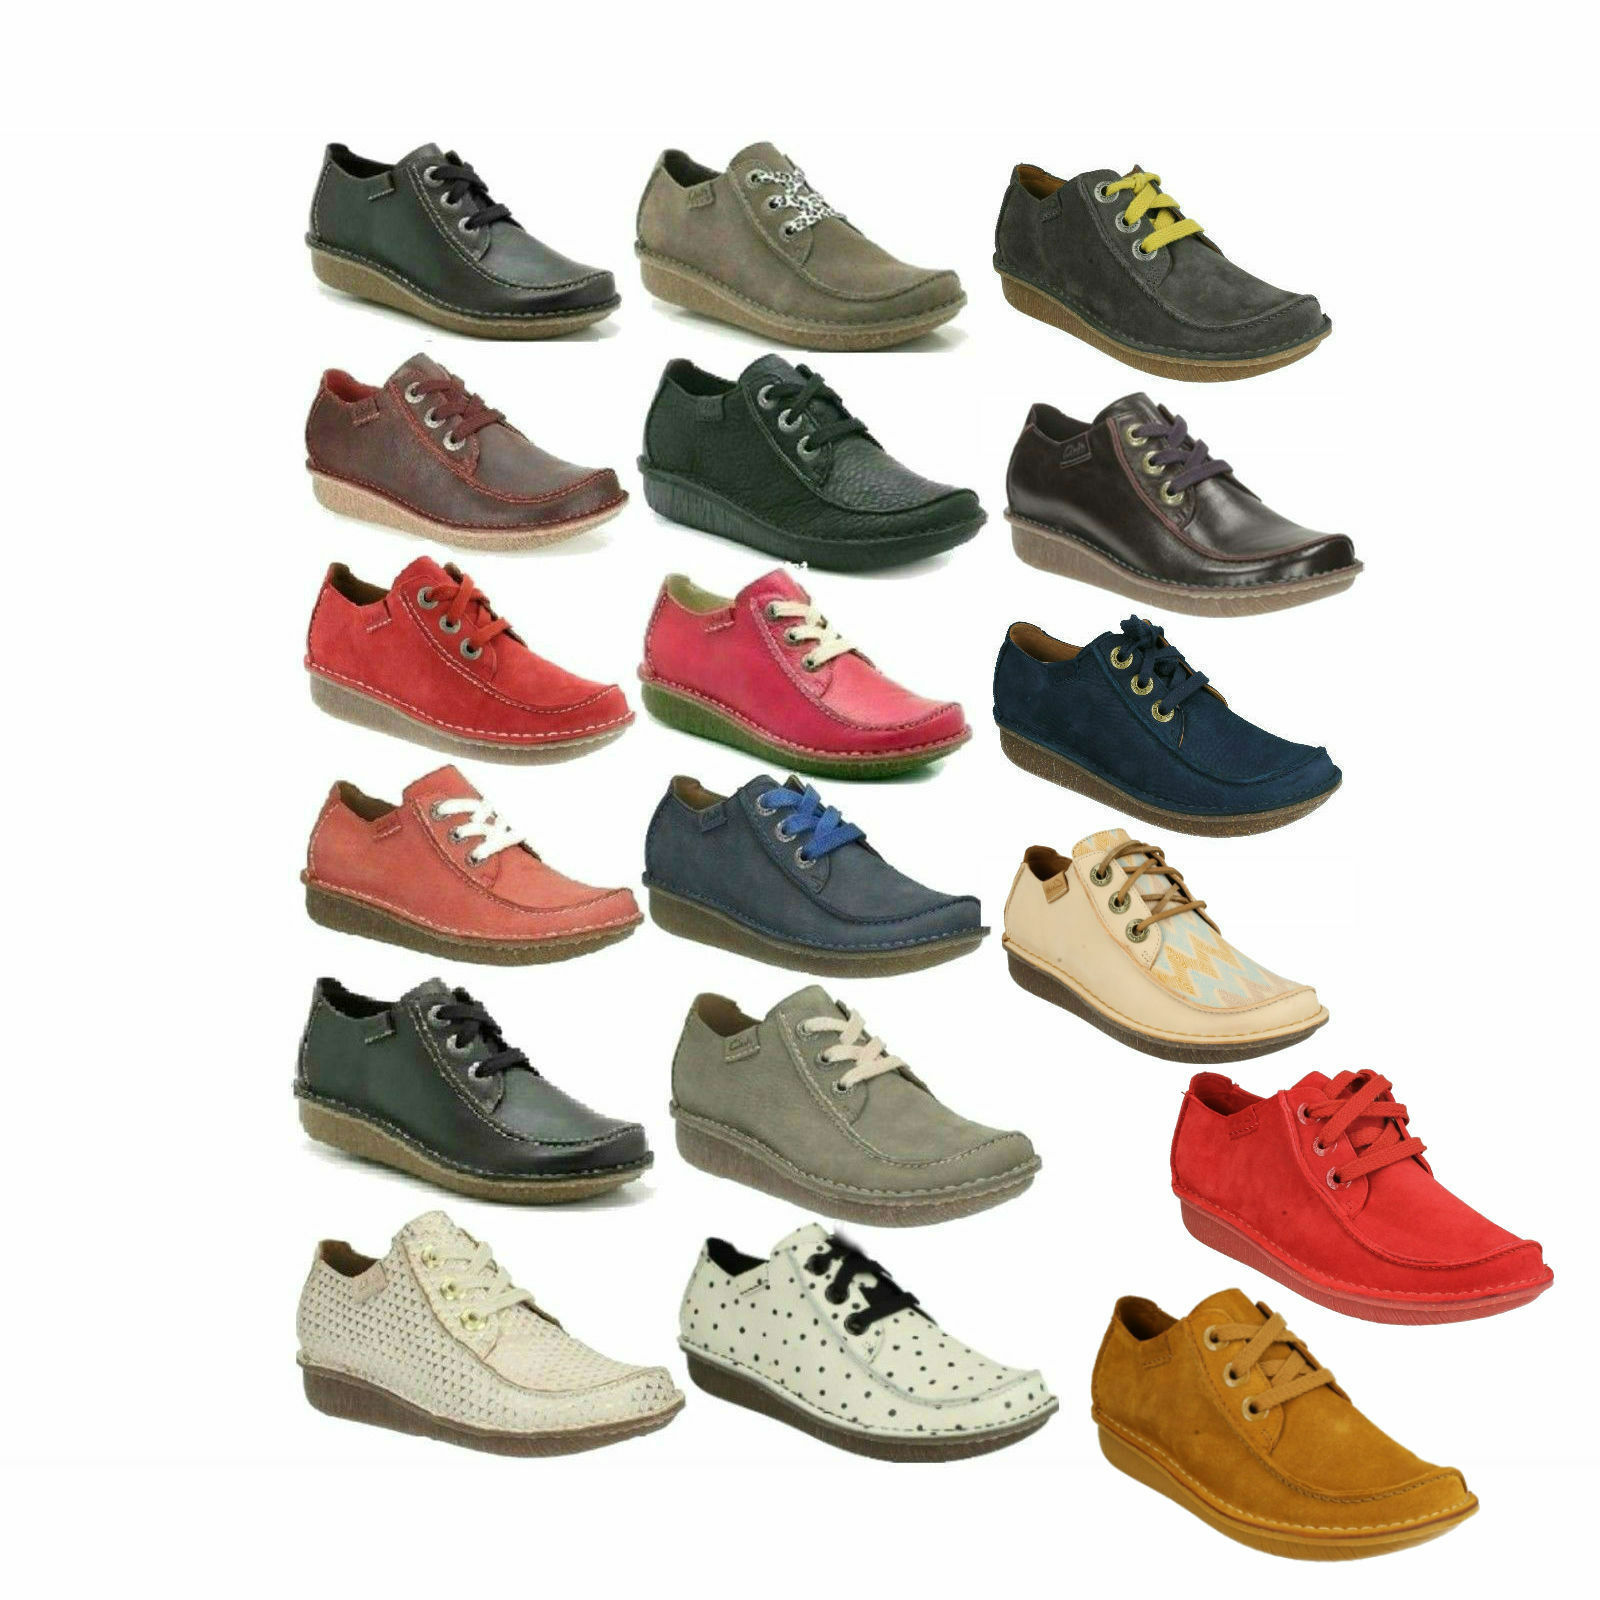 Damen Clarks Schnürsenkel Leder Freizeit Flache Größe Hose Schuhe